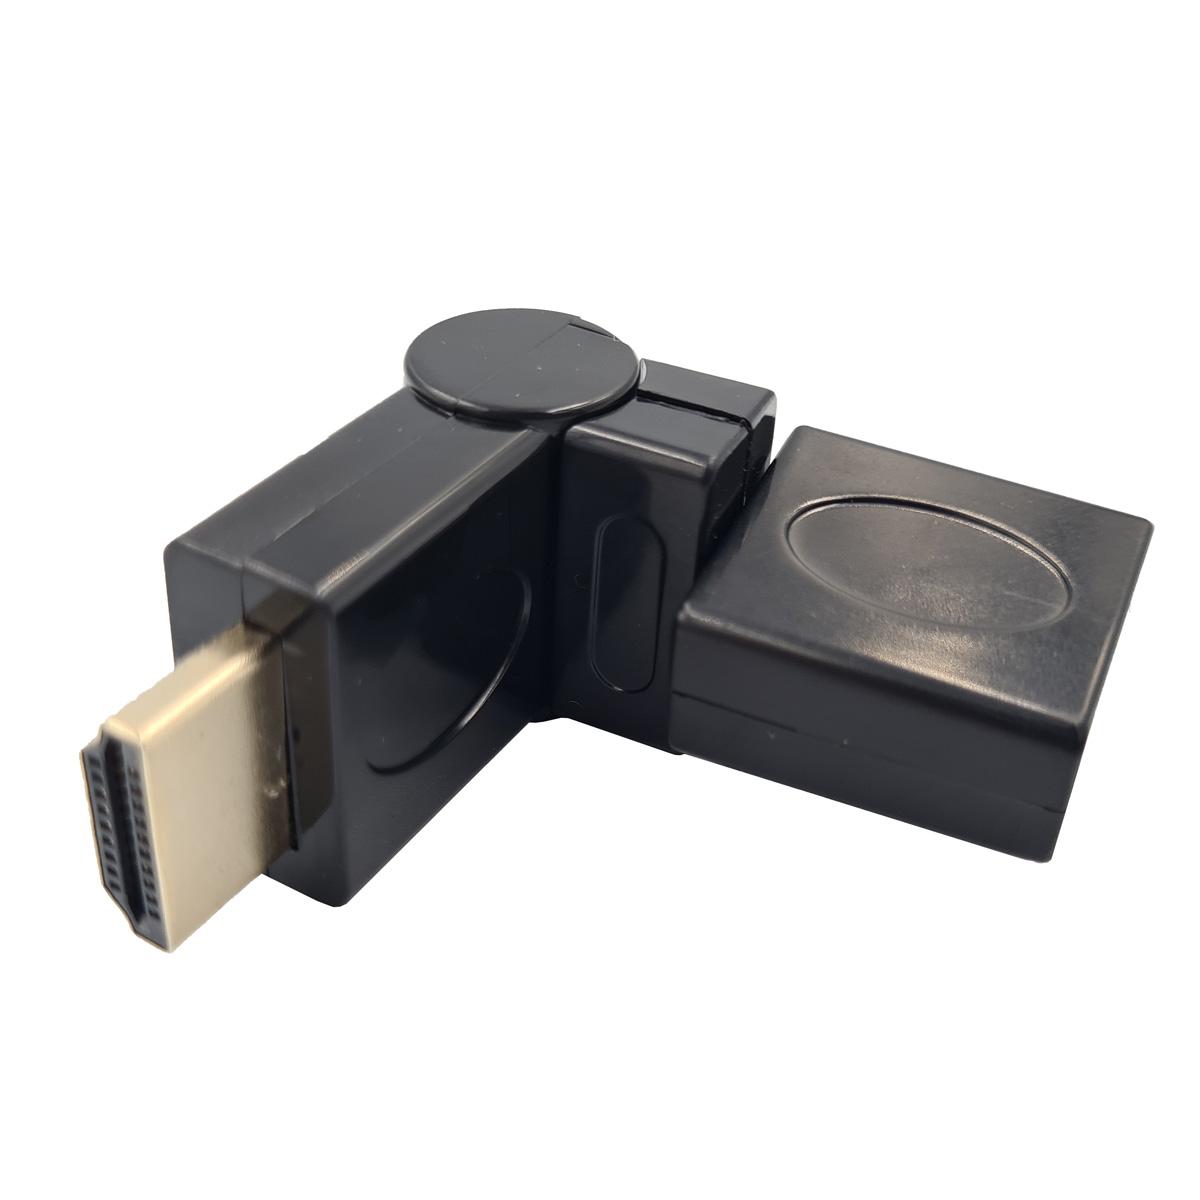 Adaptador HDMI Macho X HDMI Fêmea 1.4 90 Graus em L Articulado